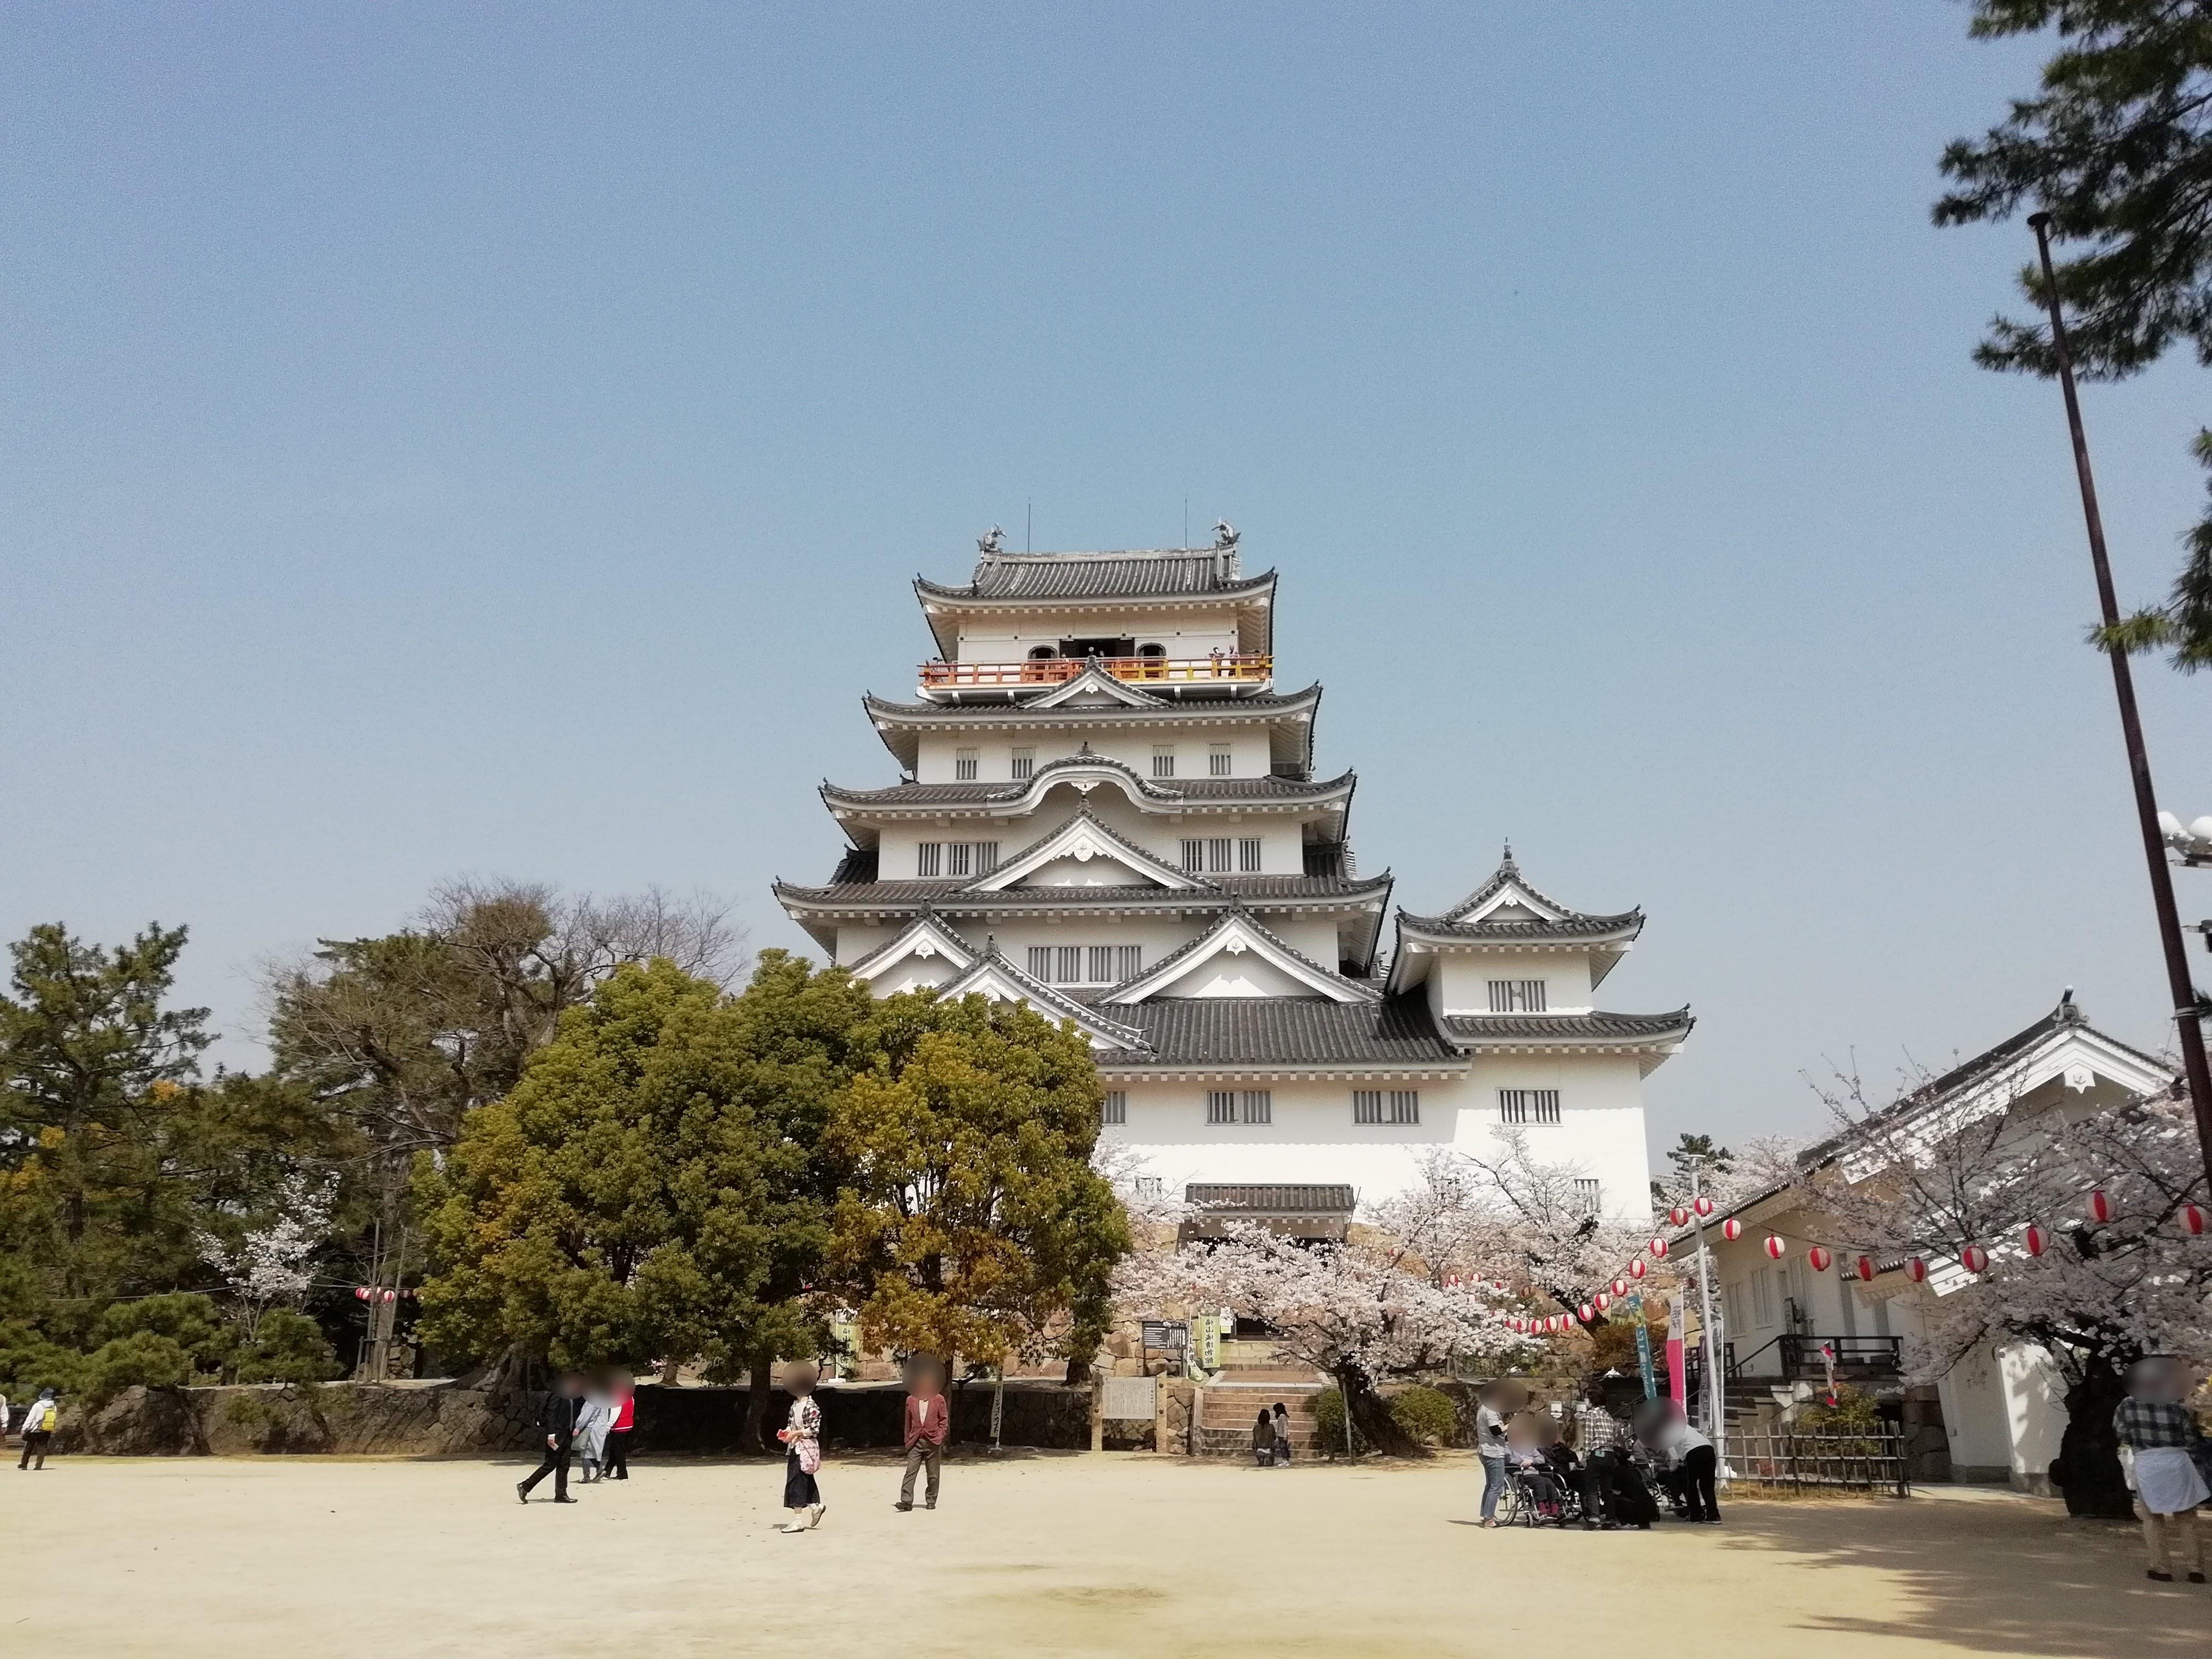 【100名城スタンプラリー】桜満開の広島県福山市の福山城へ